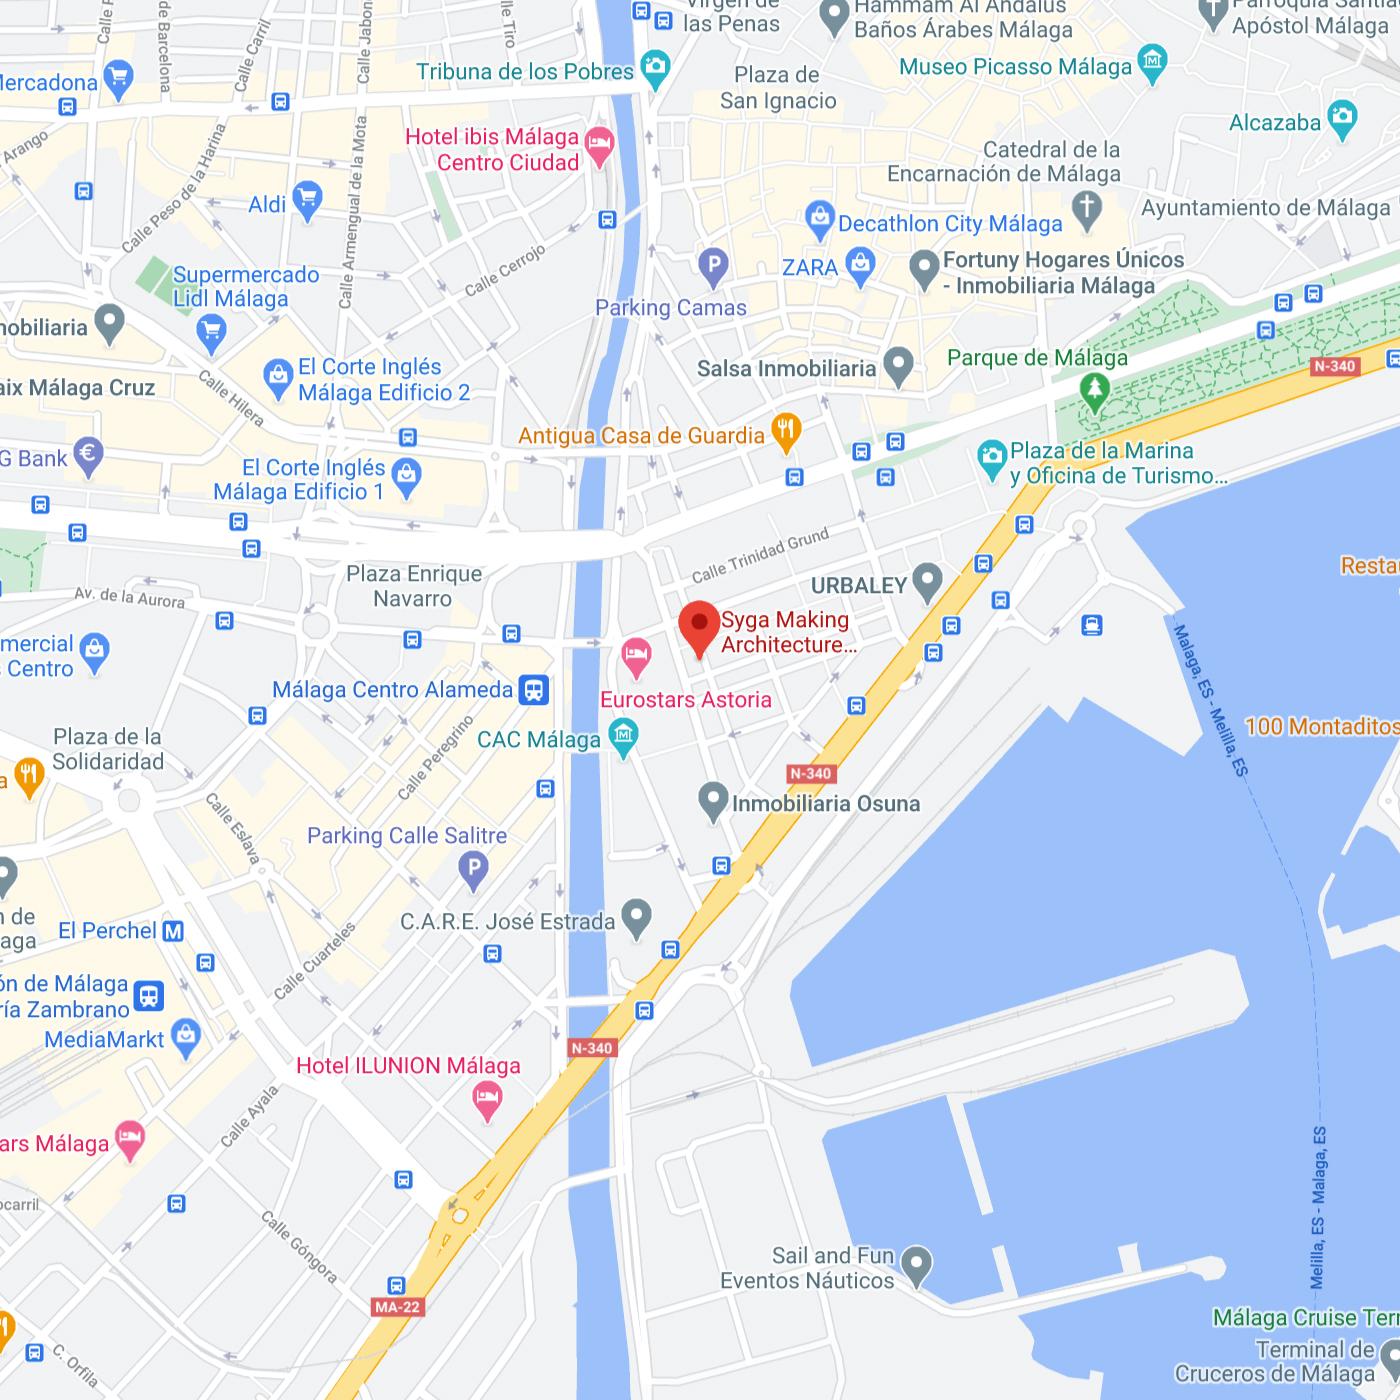 https://syga.es/wp-content/uploads/syga-mapa.jpg